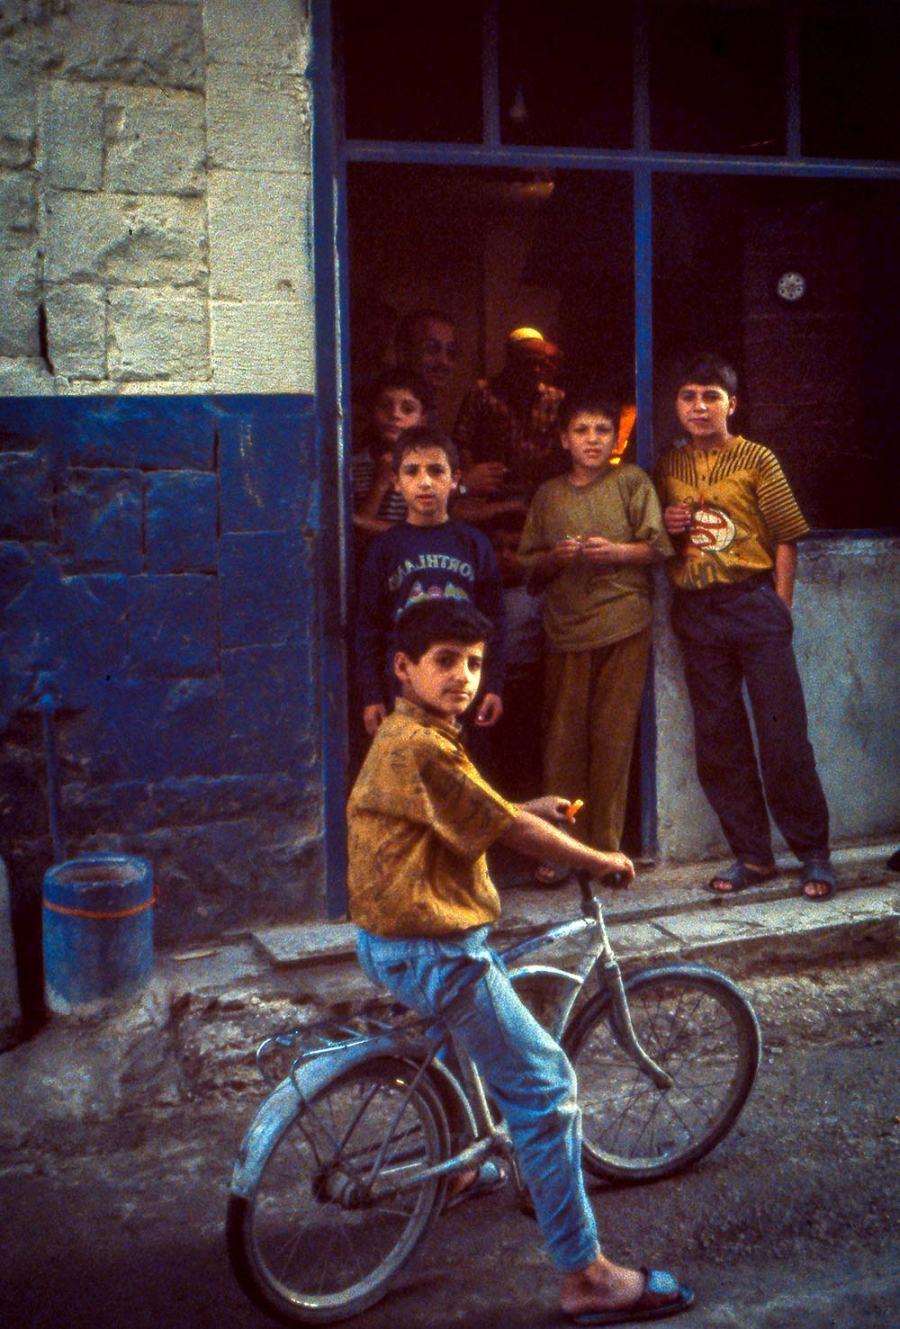 Strassenszene: Kinder vor einem kleinen Laden